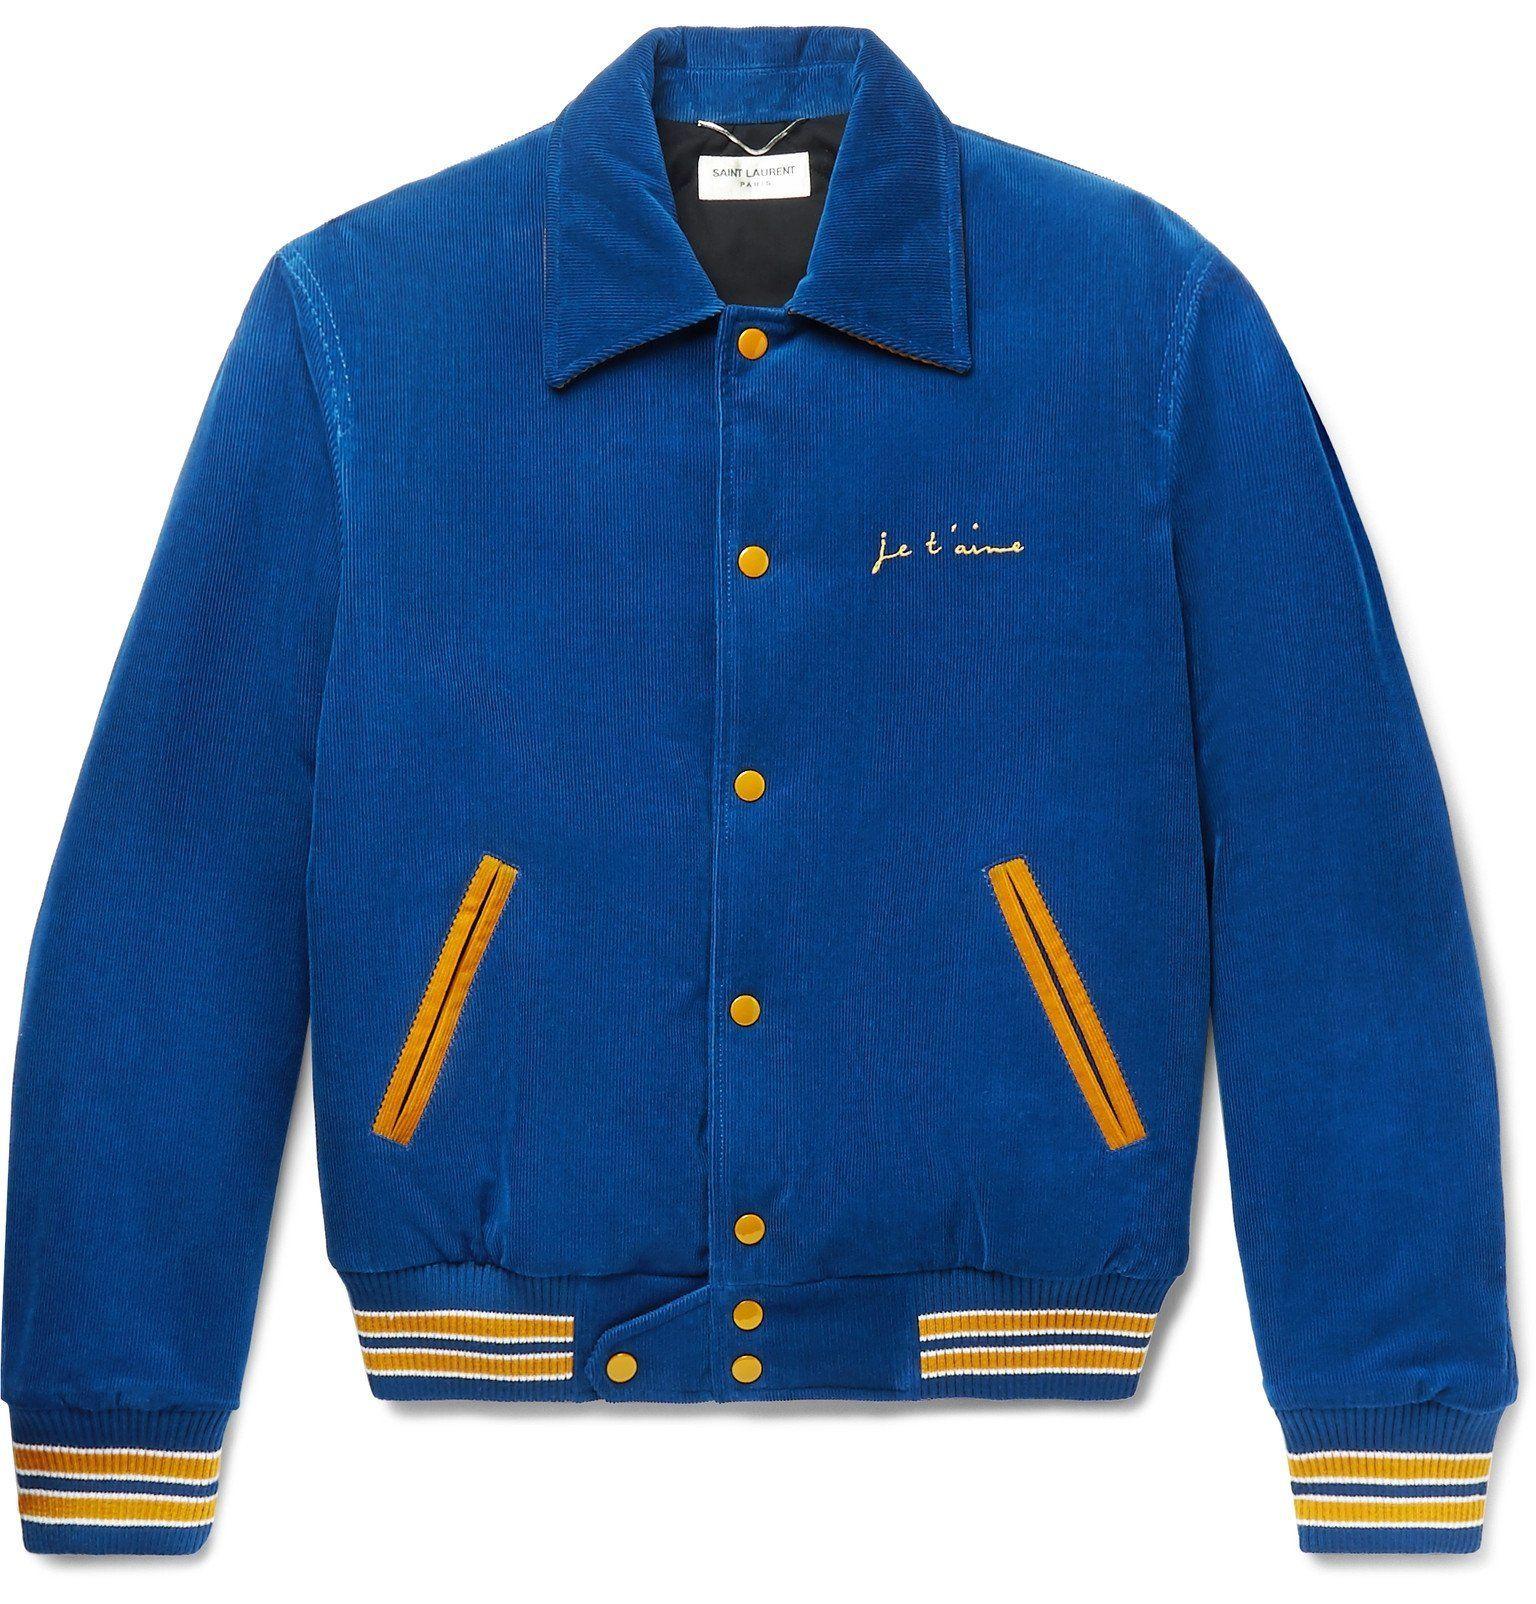 Vintage corduroy blue bomber jacket by saint laurent mensjacket